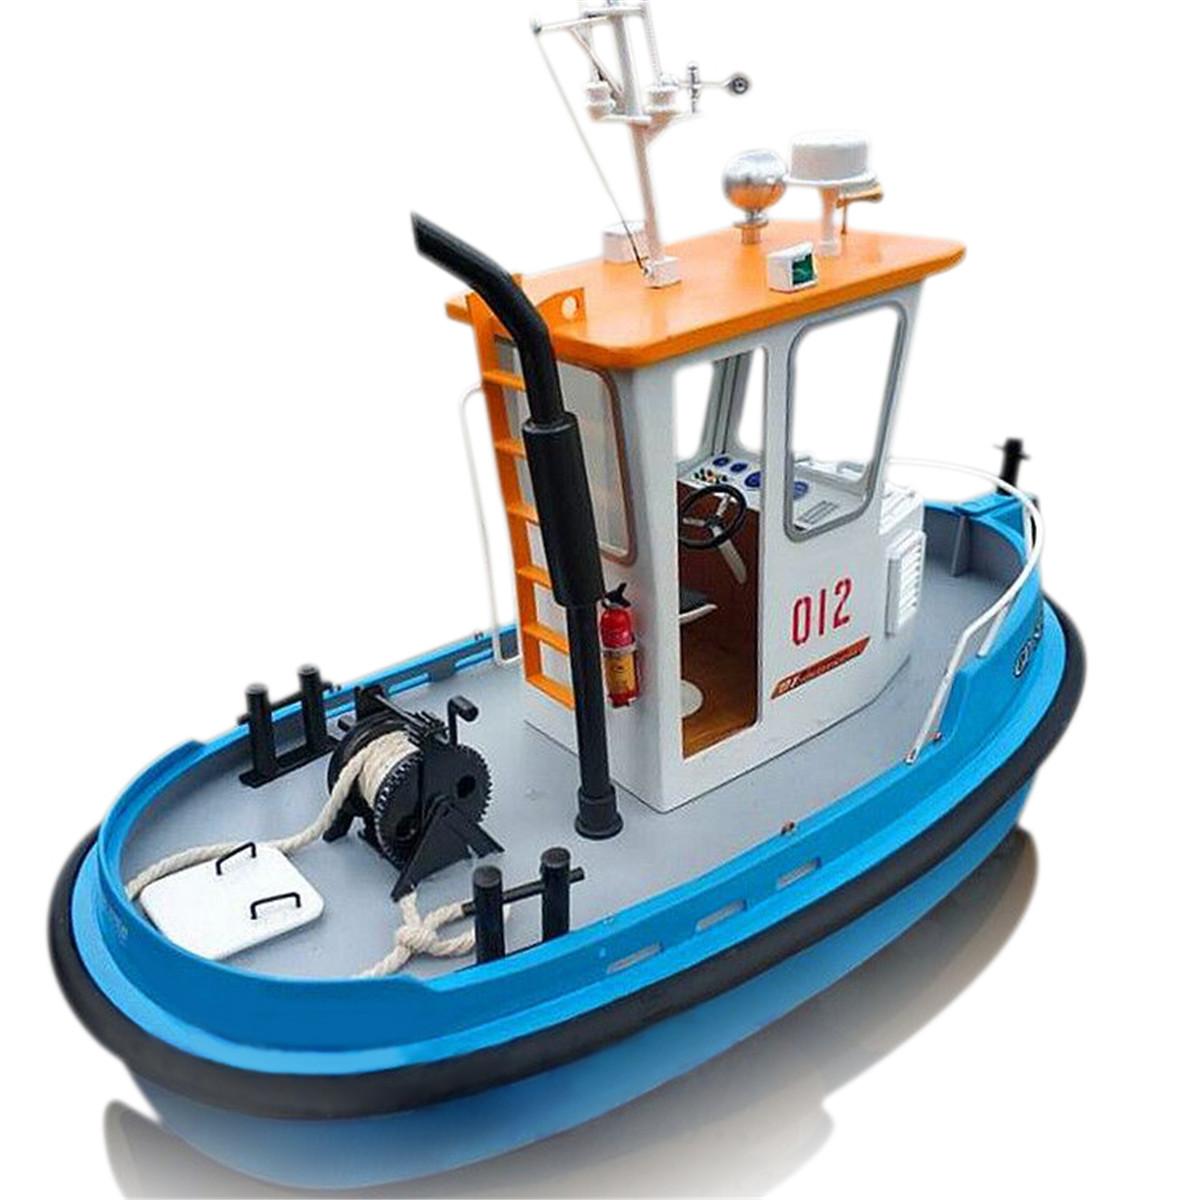 Nuovo 1:18 Pine Mini 270 * 130 * 190 m RC Tugboat salvataggio ABS Barca di modello in legno Kit fai da te Kit fai da te RC Boat